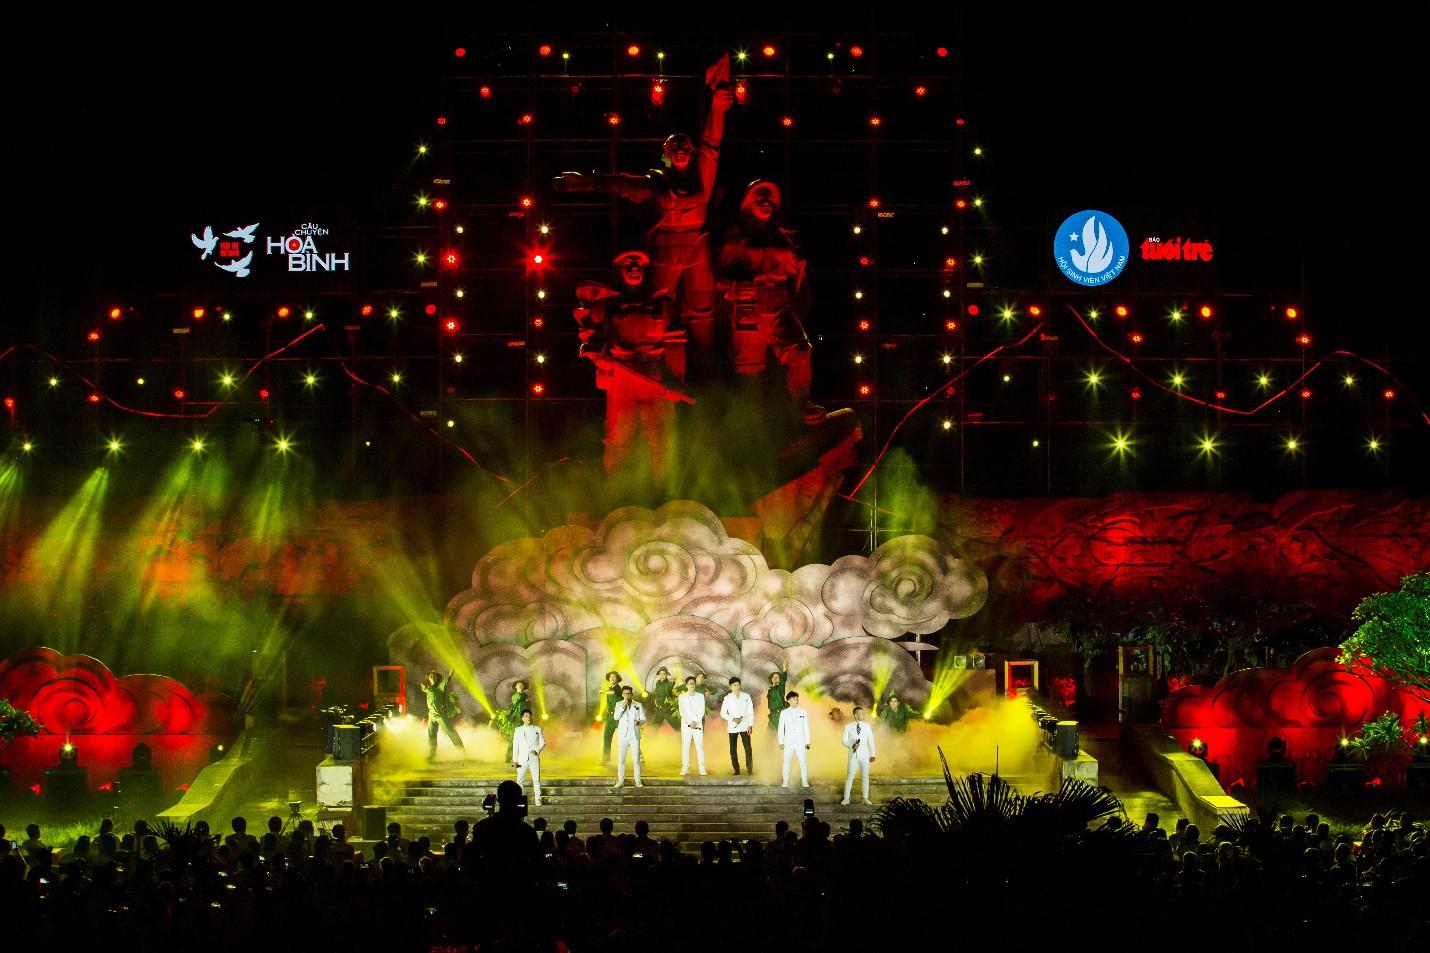 Hàng loạt ngôi sao âm nhạc hội tụ trong đêm nghệ thuật Câu chuyện hòa bình tại Quảng Bình - Ảnh 1.